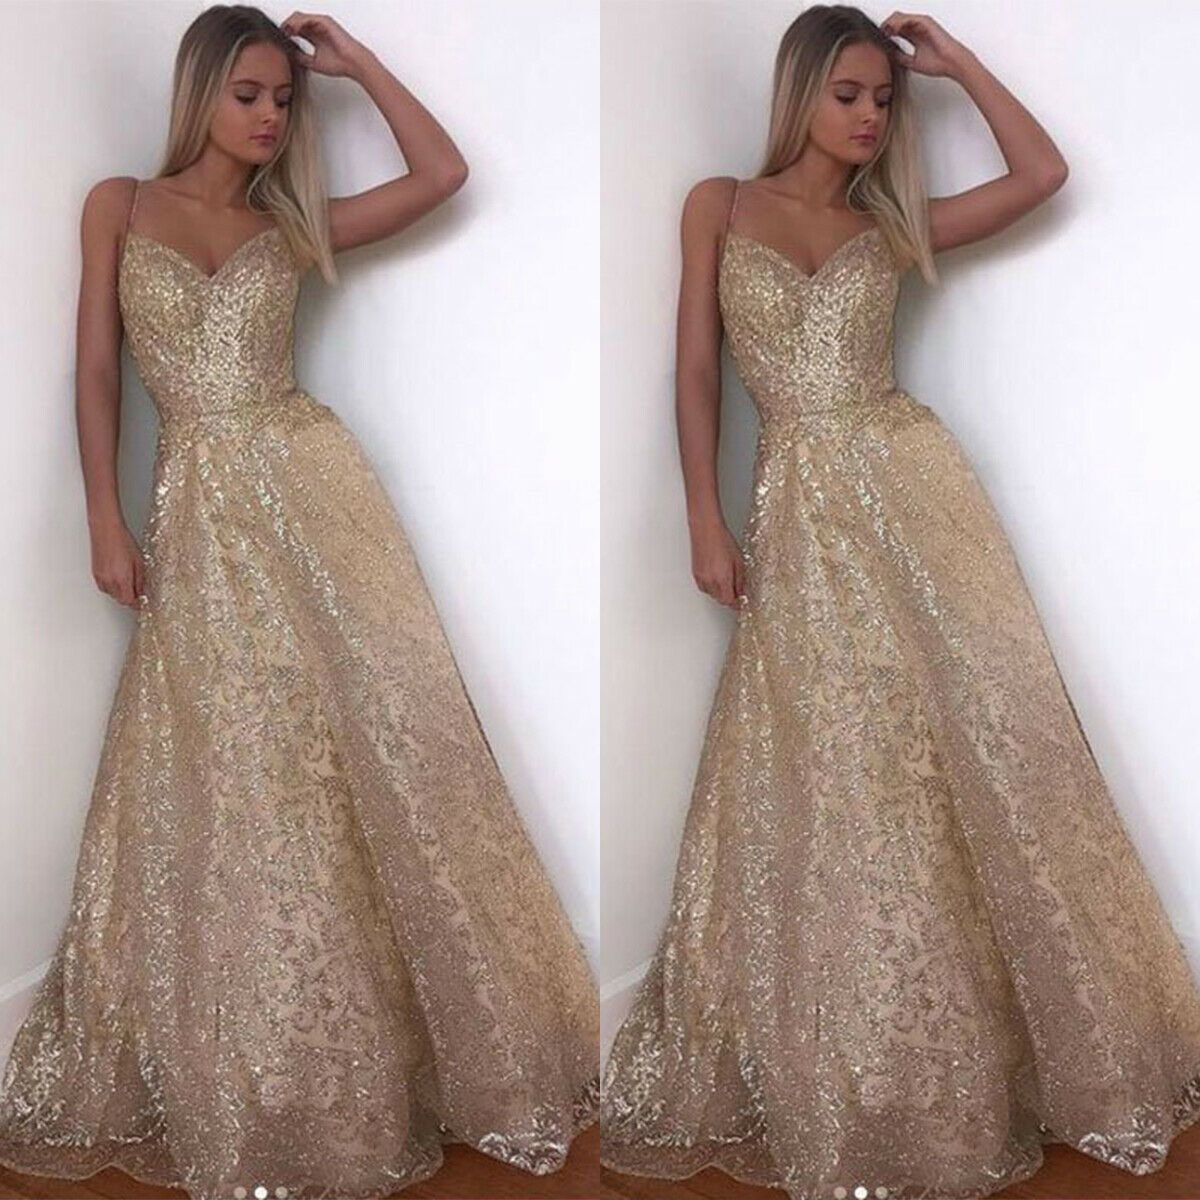 Damen Pailletten Kleid Abendkleid Party Hochzeit Maxikleid